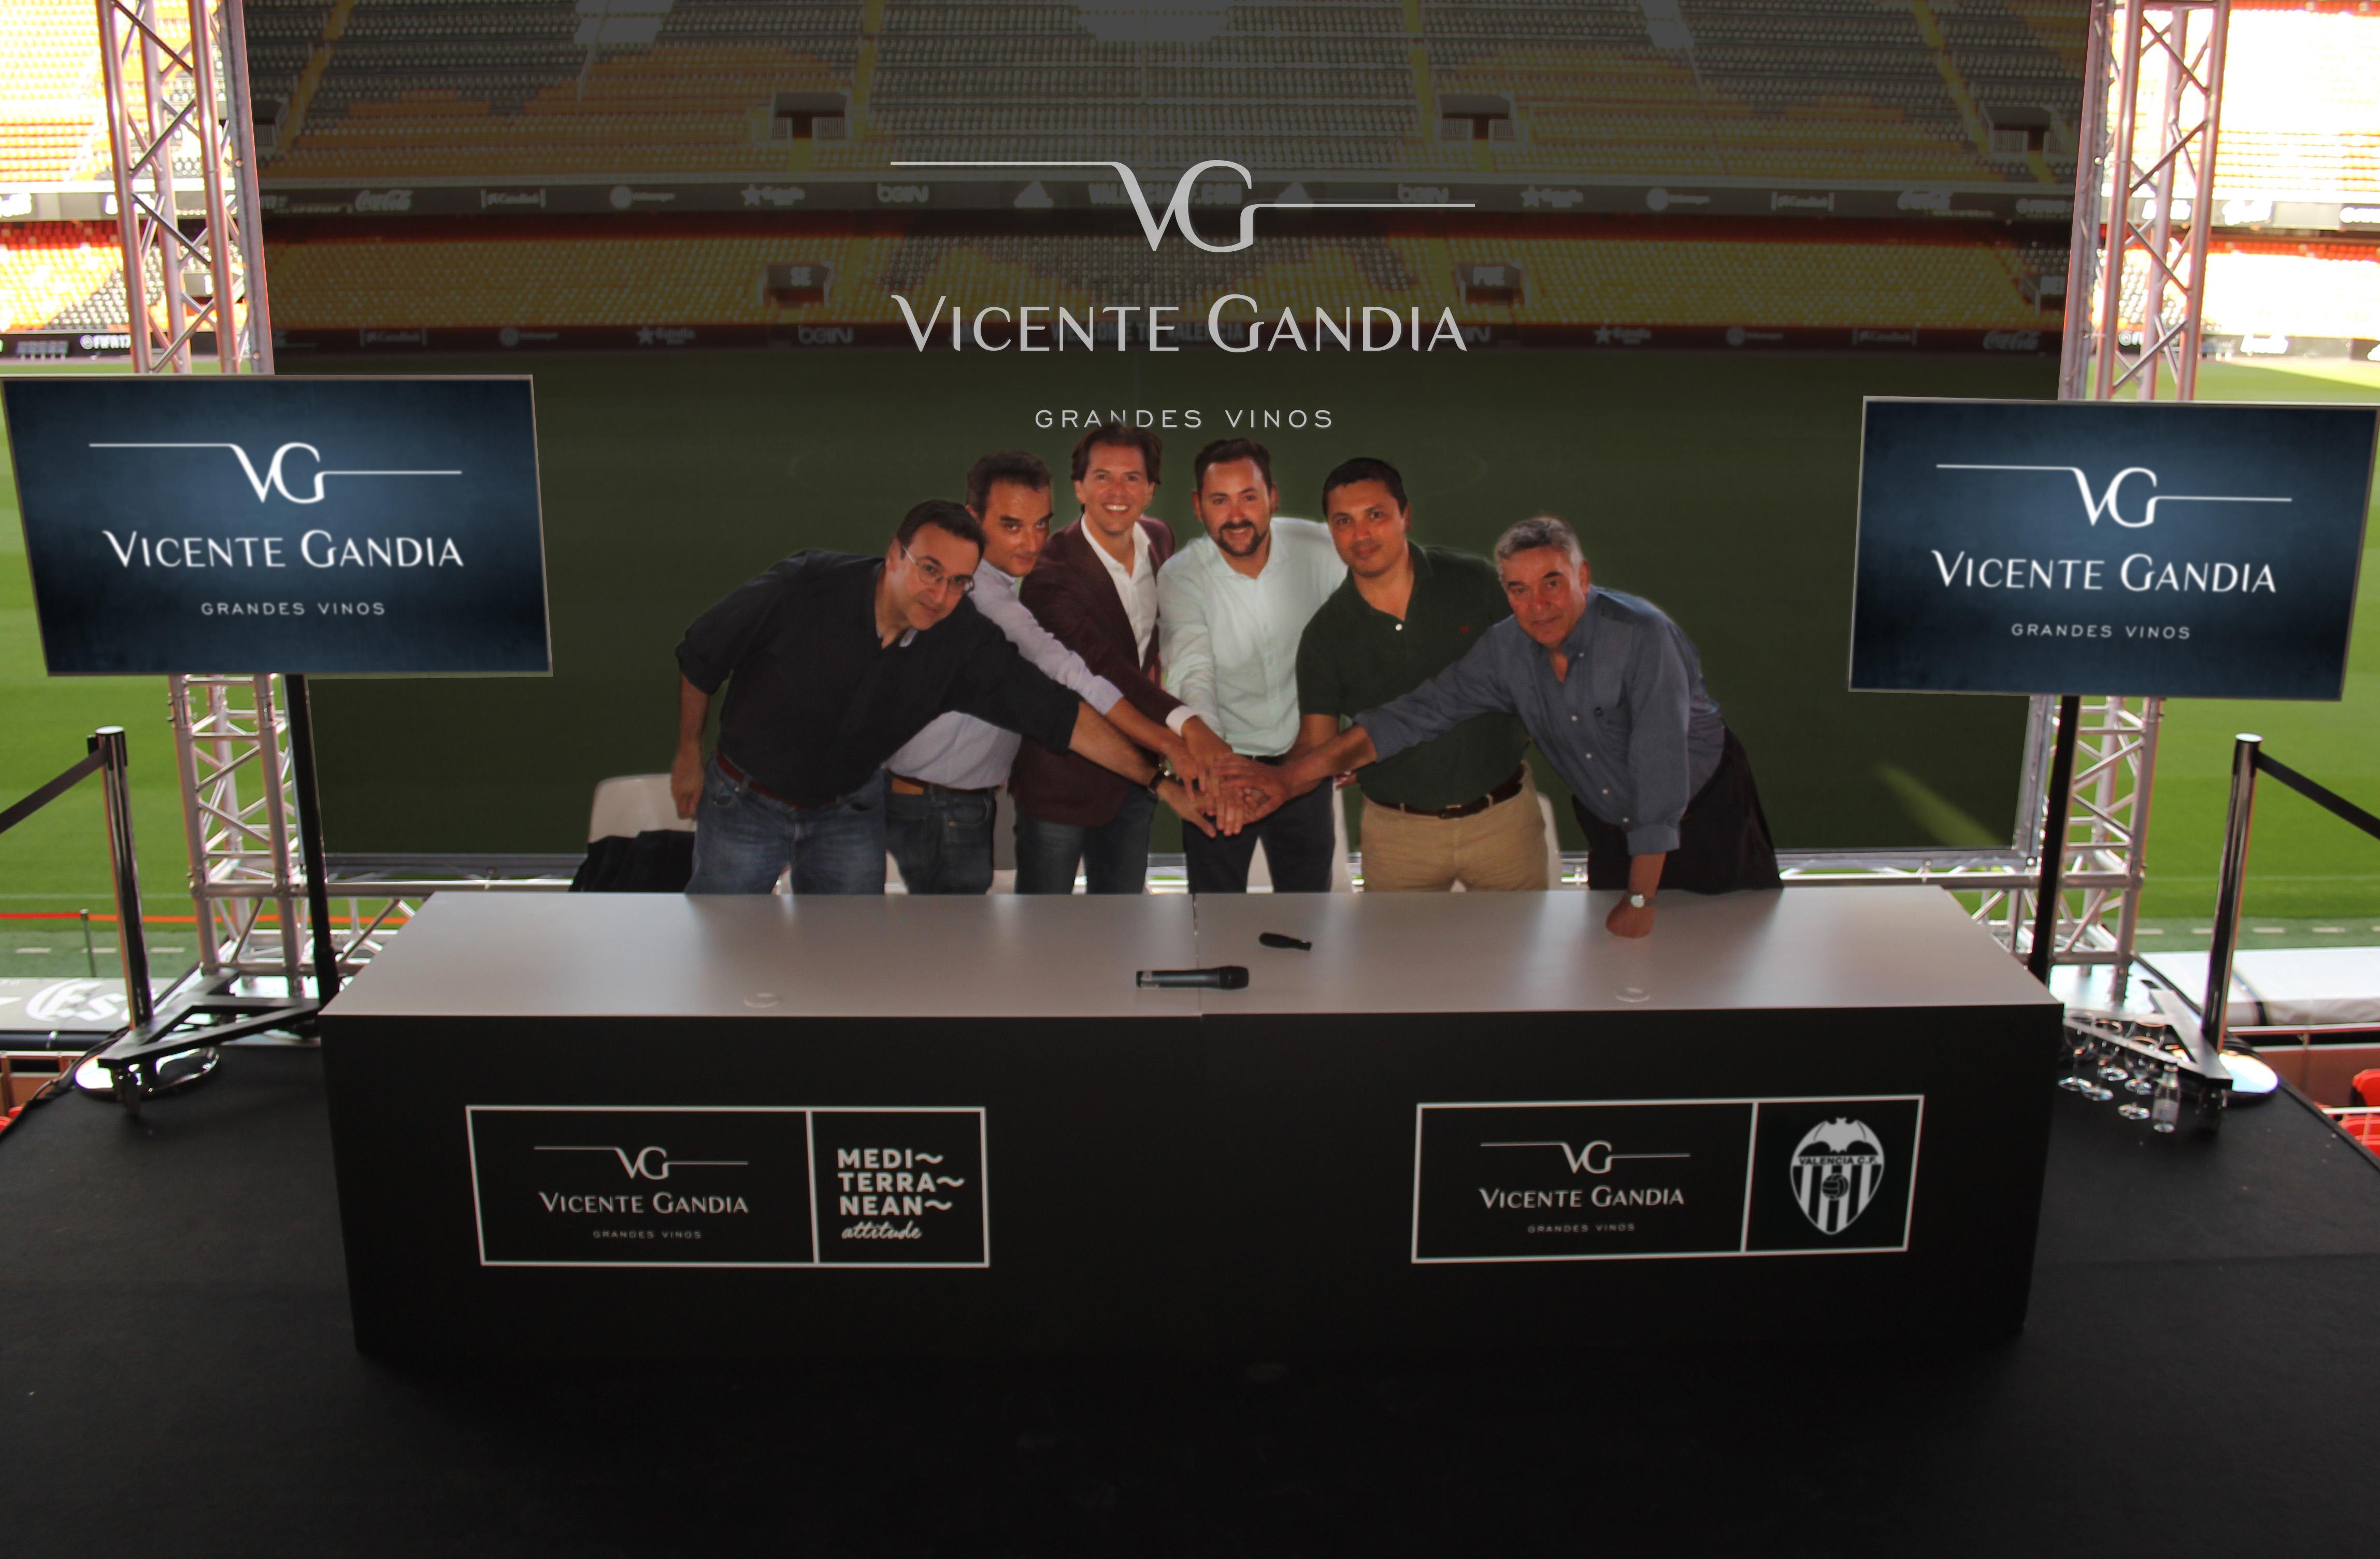 La apuesta por la marca dispara los resultados de Bodegas Vicente Gandía